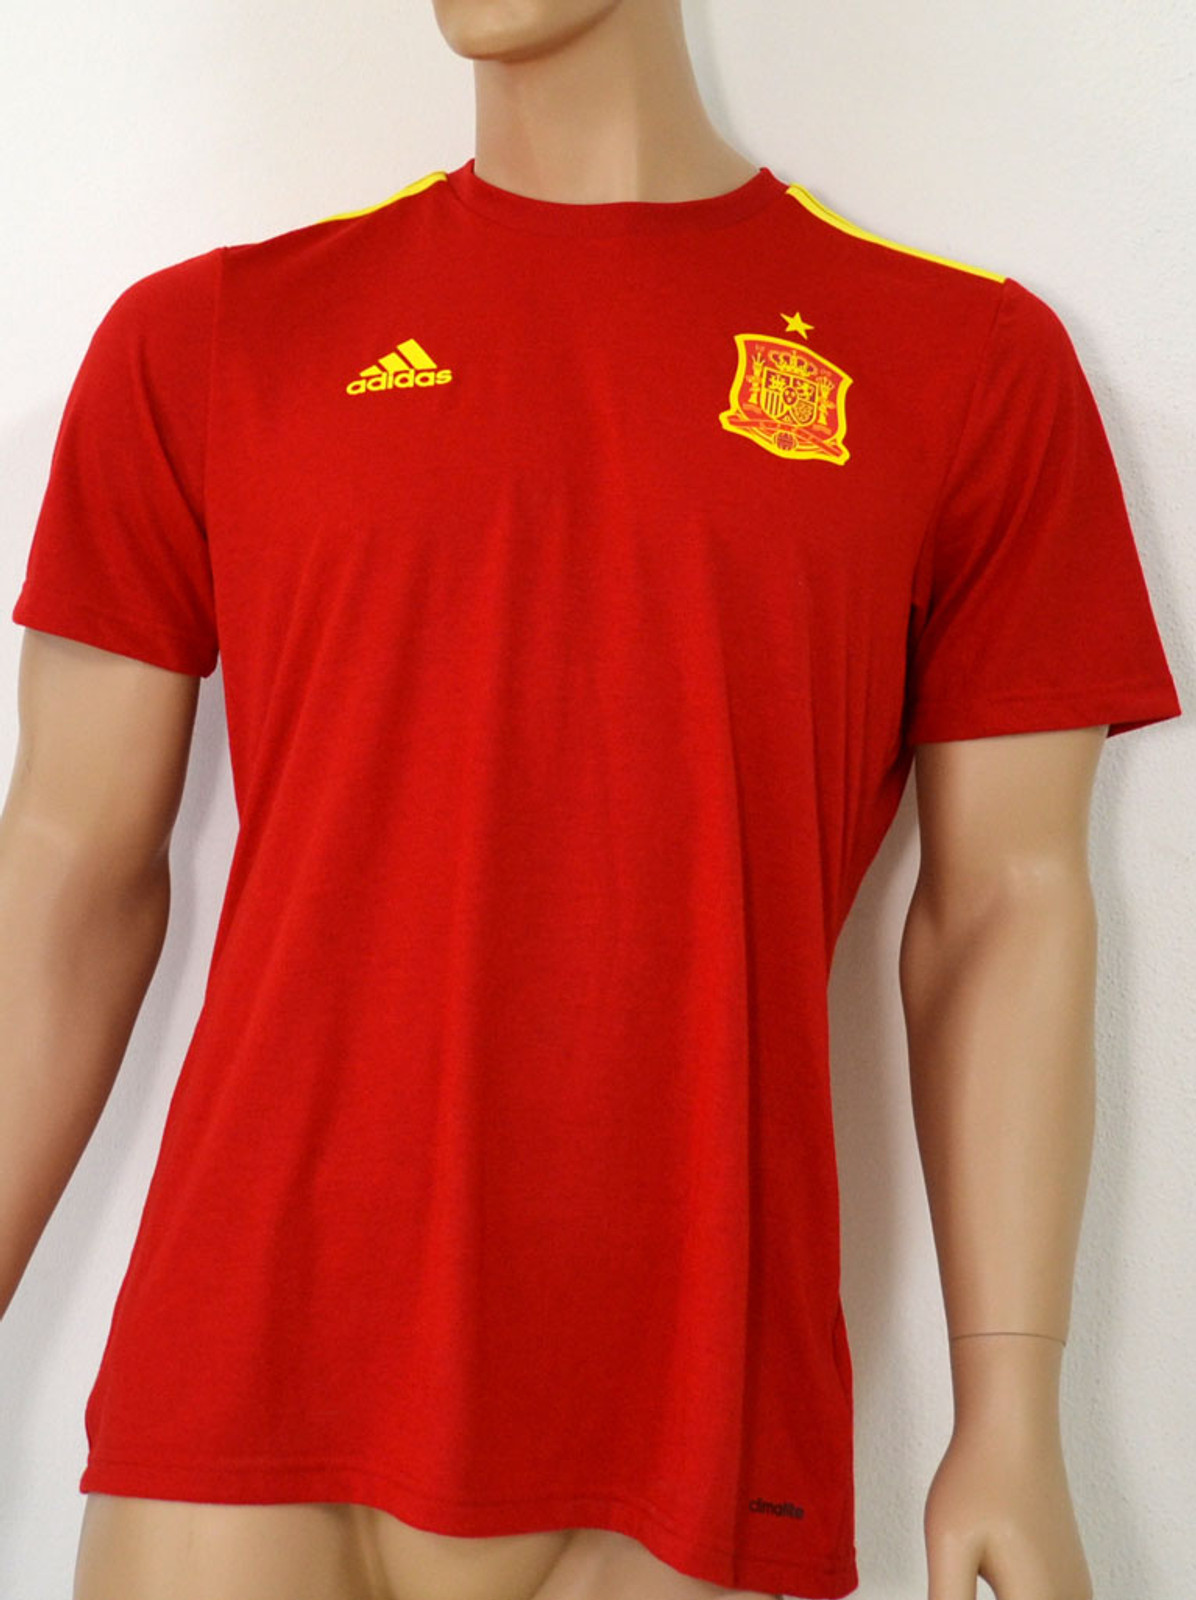 adidas Herren T-Shirt FEF Spain Home Fan in Rot